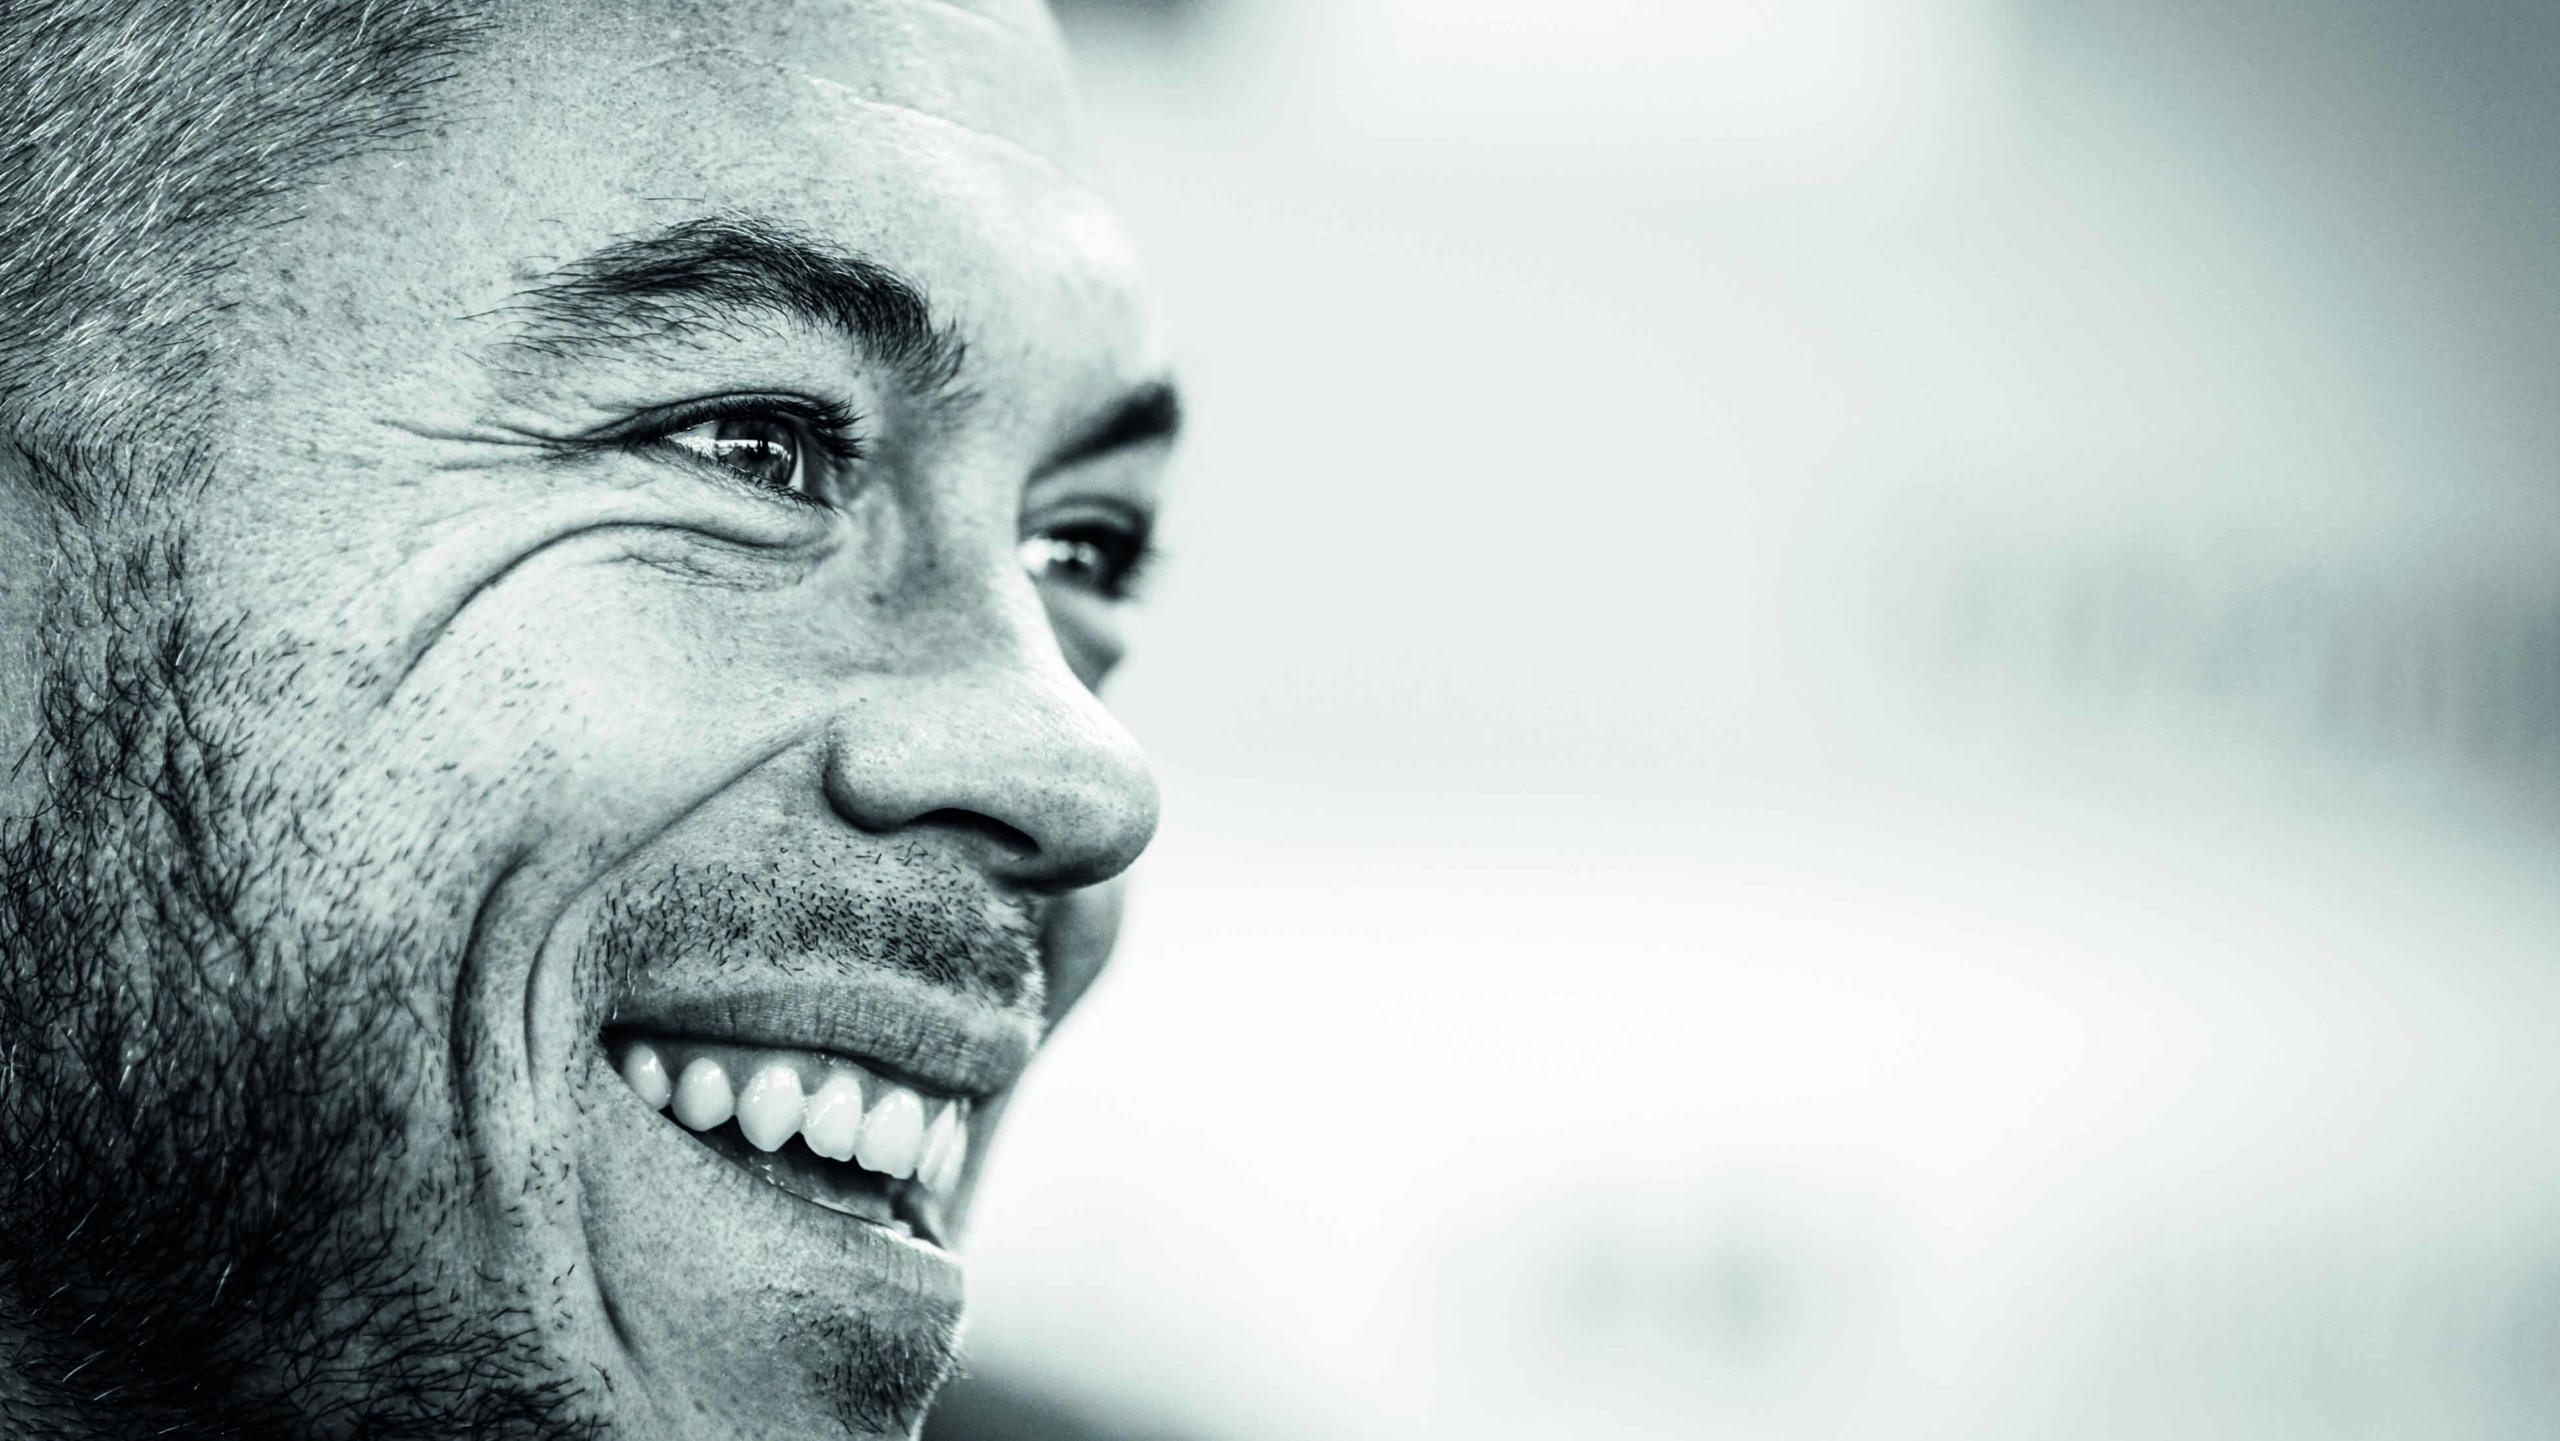 Andre Lotterer portrait